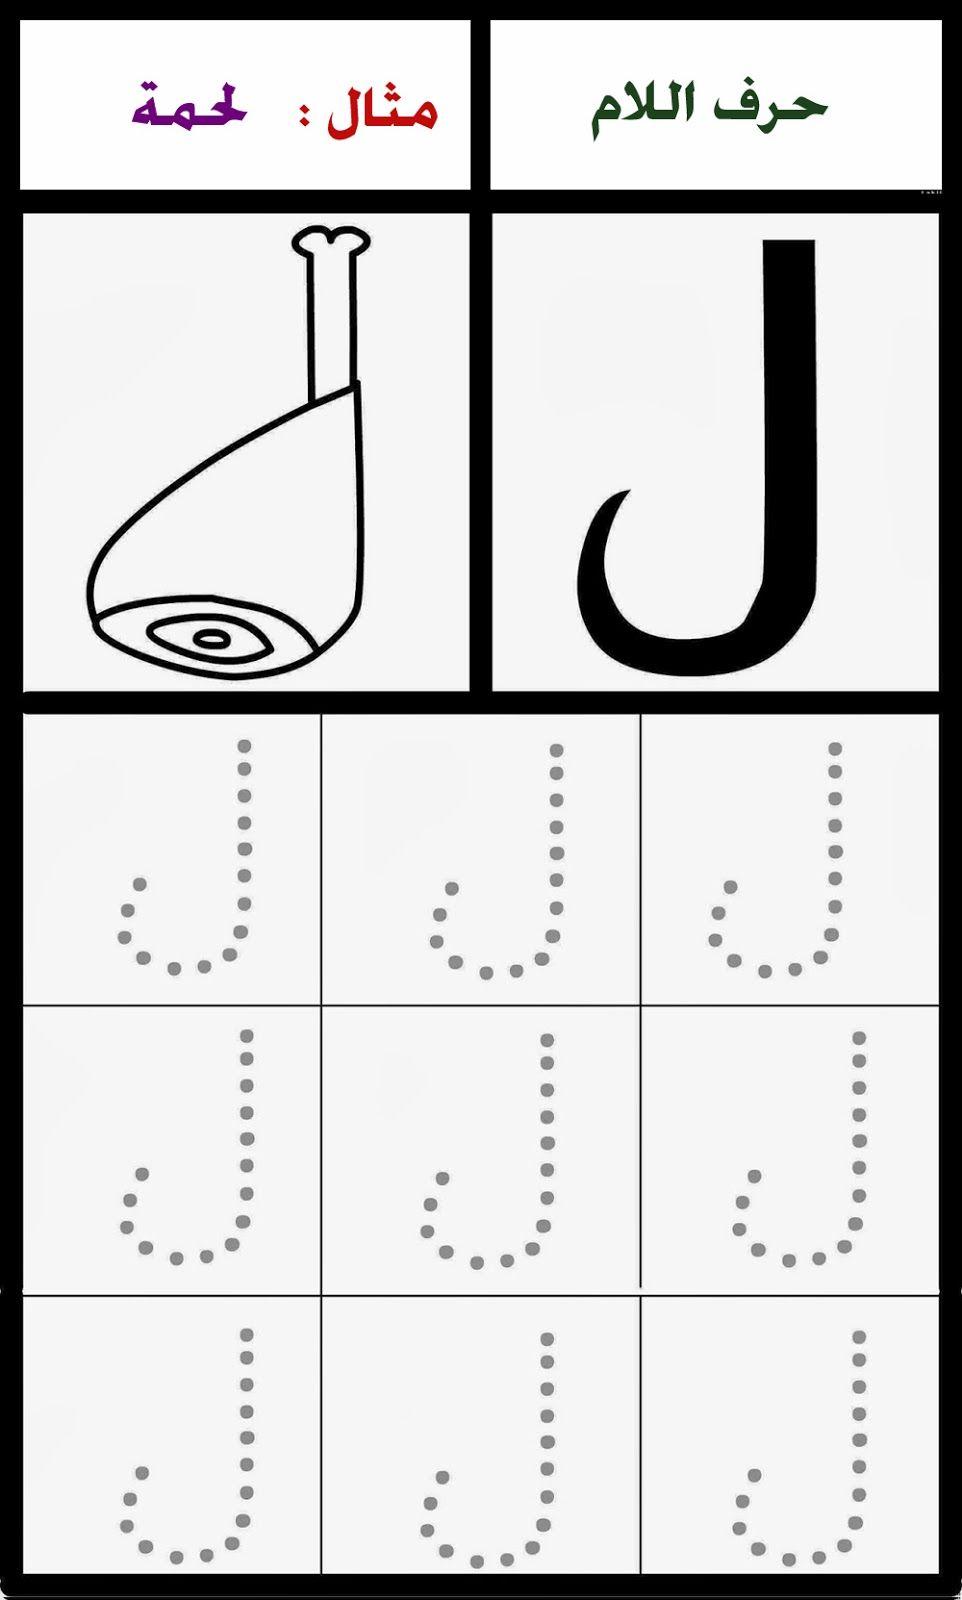 ألبومات صور منوعة: البوم صور لرسم اشكال حروف هجاء اللغة regarding Alphabet Worksheets Vk